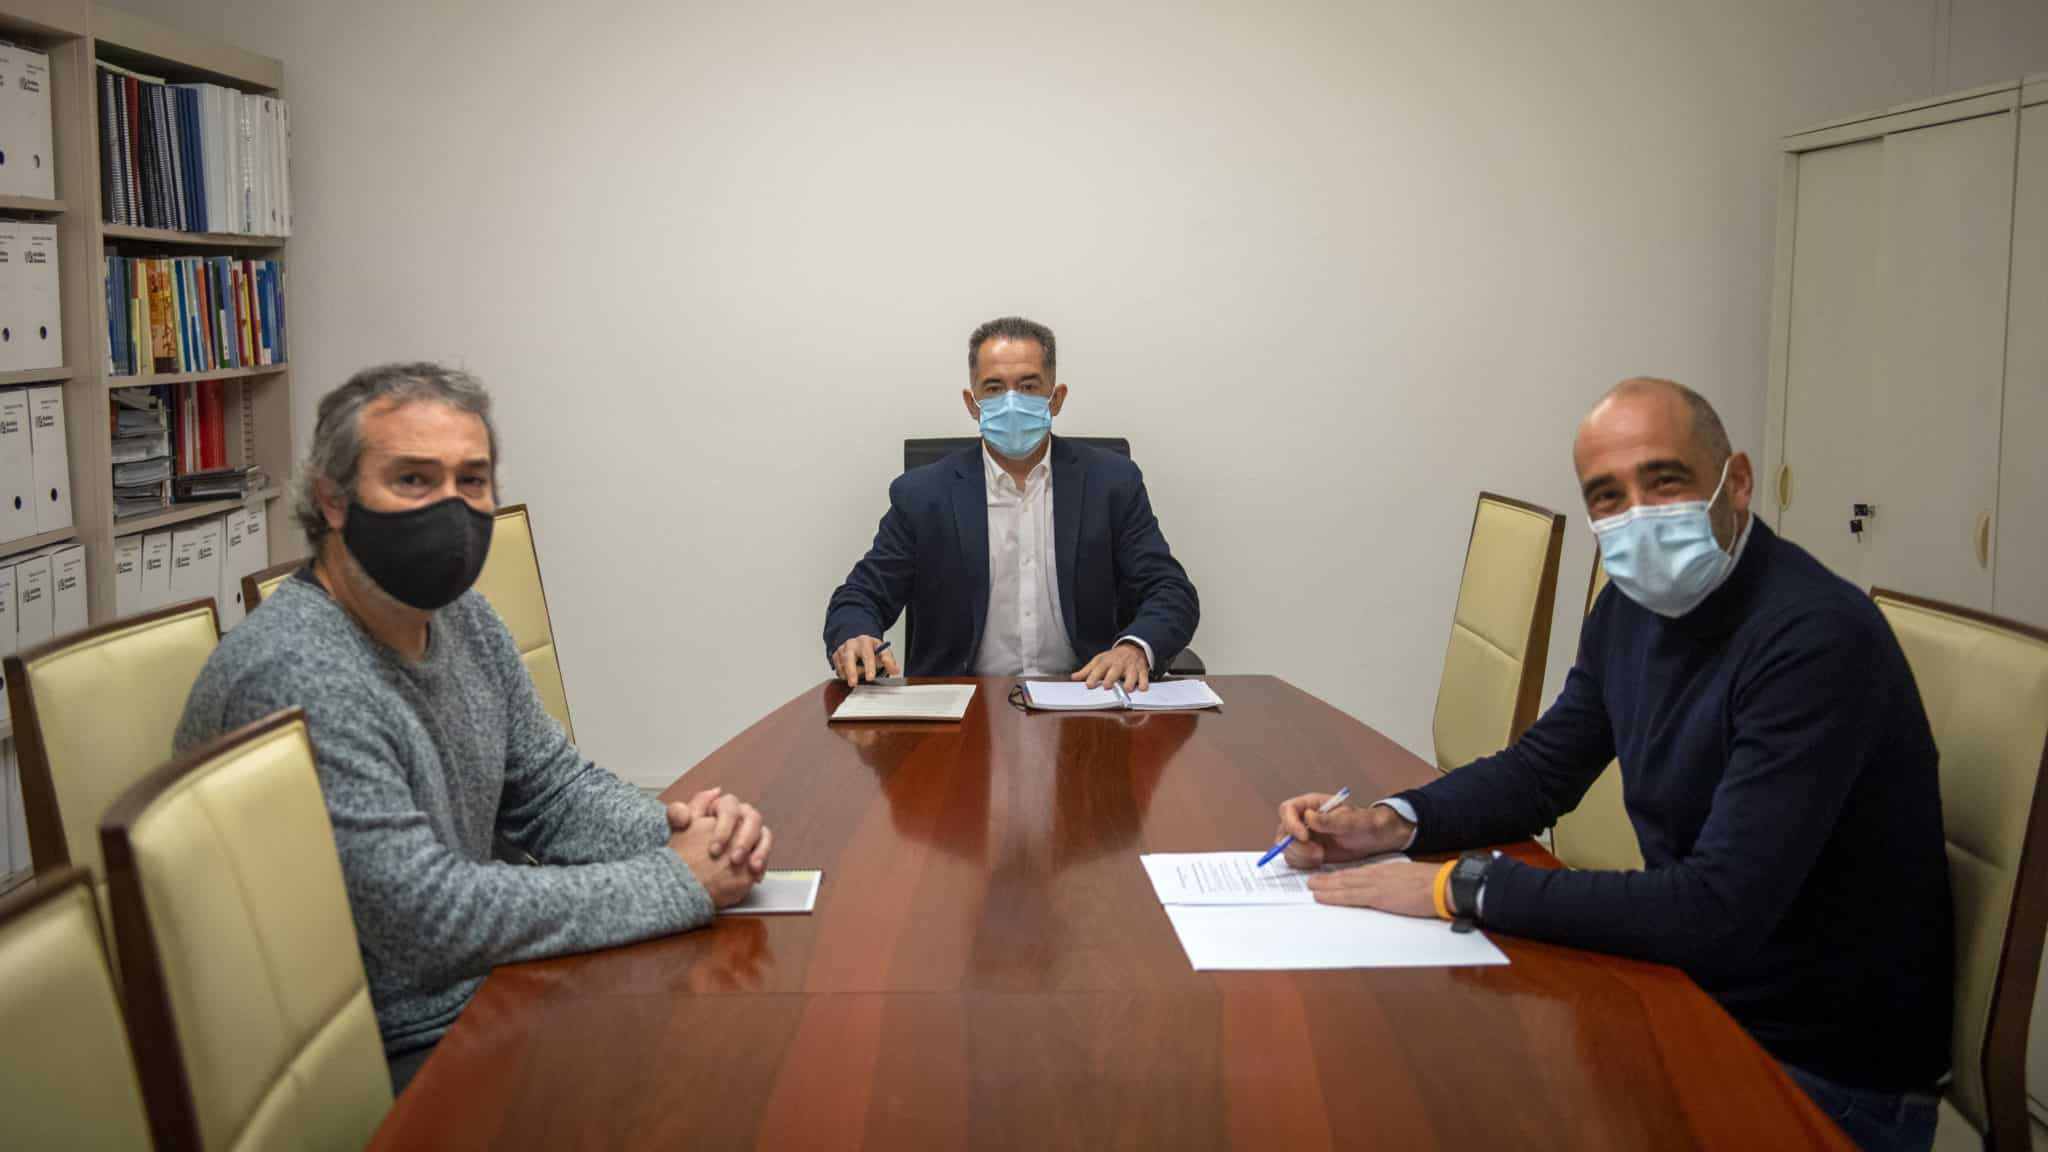 El BOR publica la normativa que unifica todas las medidas en vigor para contener la pandemia en La Rioja 2